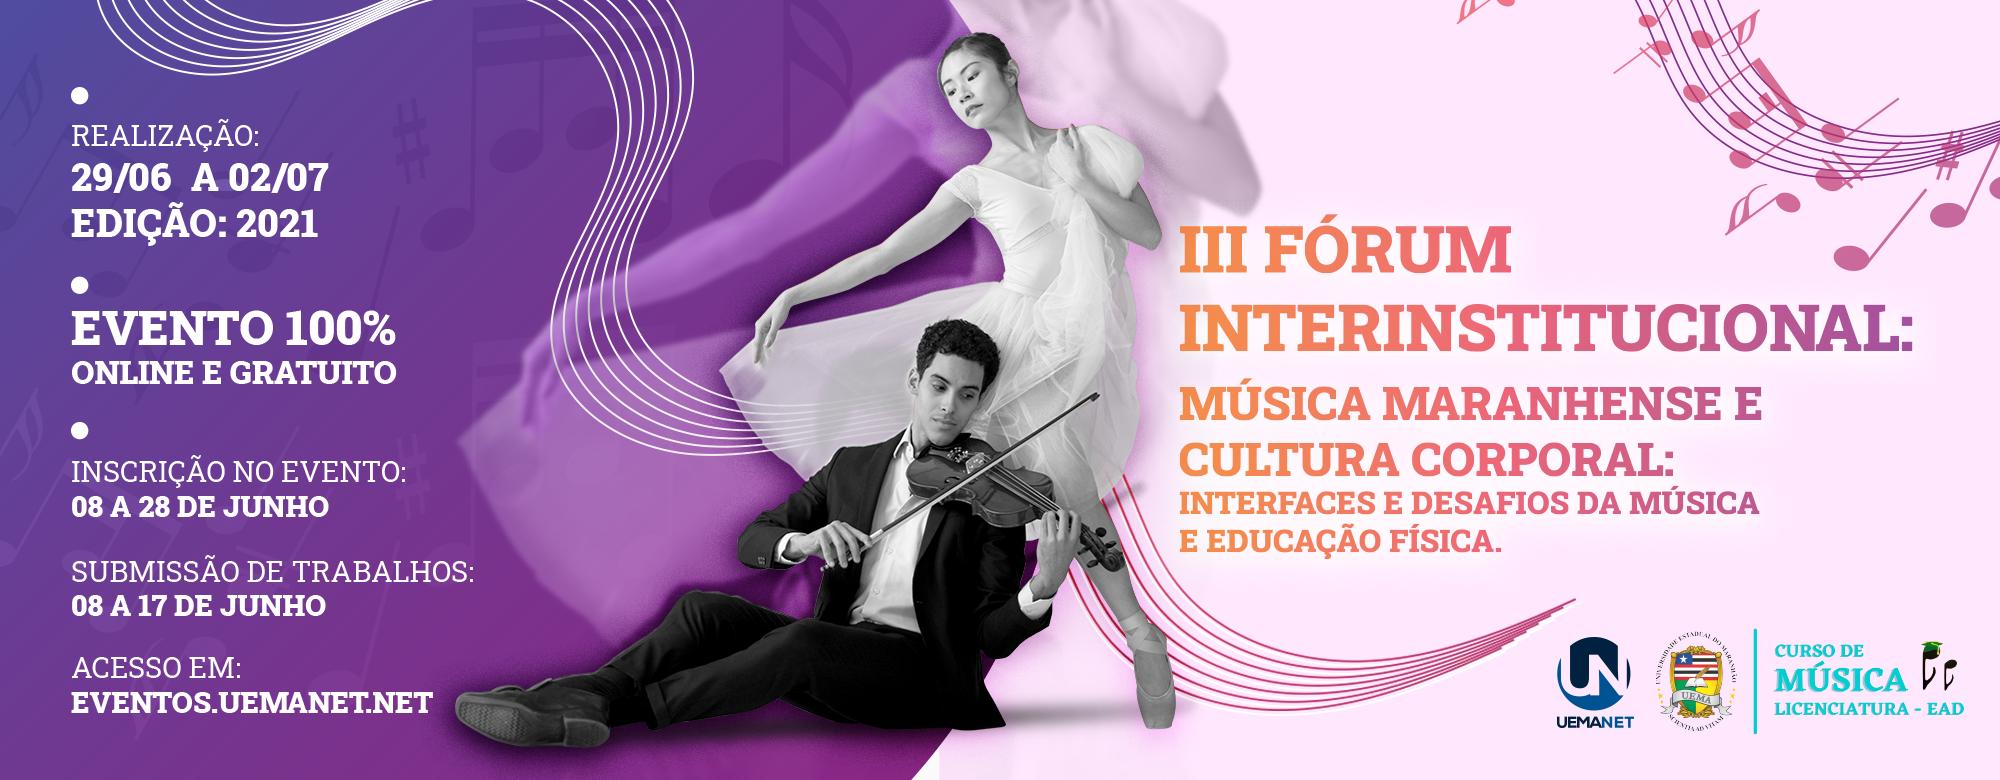 III Fórum Interinstitucional: Música Maranhense e Cultura Corporal: interfaces e desafios da Música e Educação Física